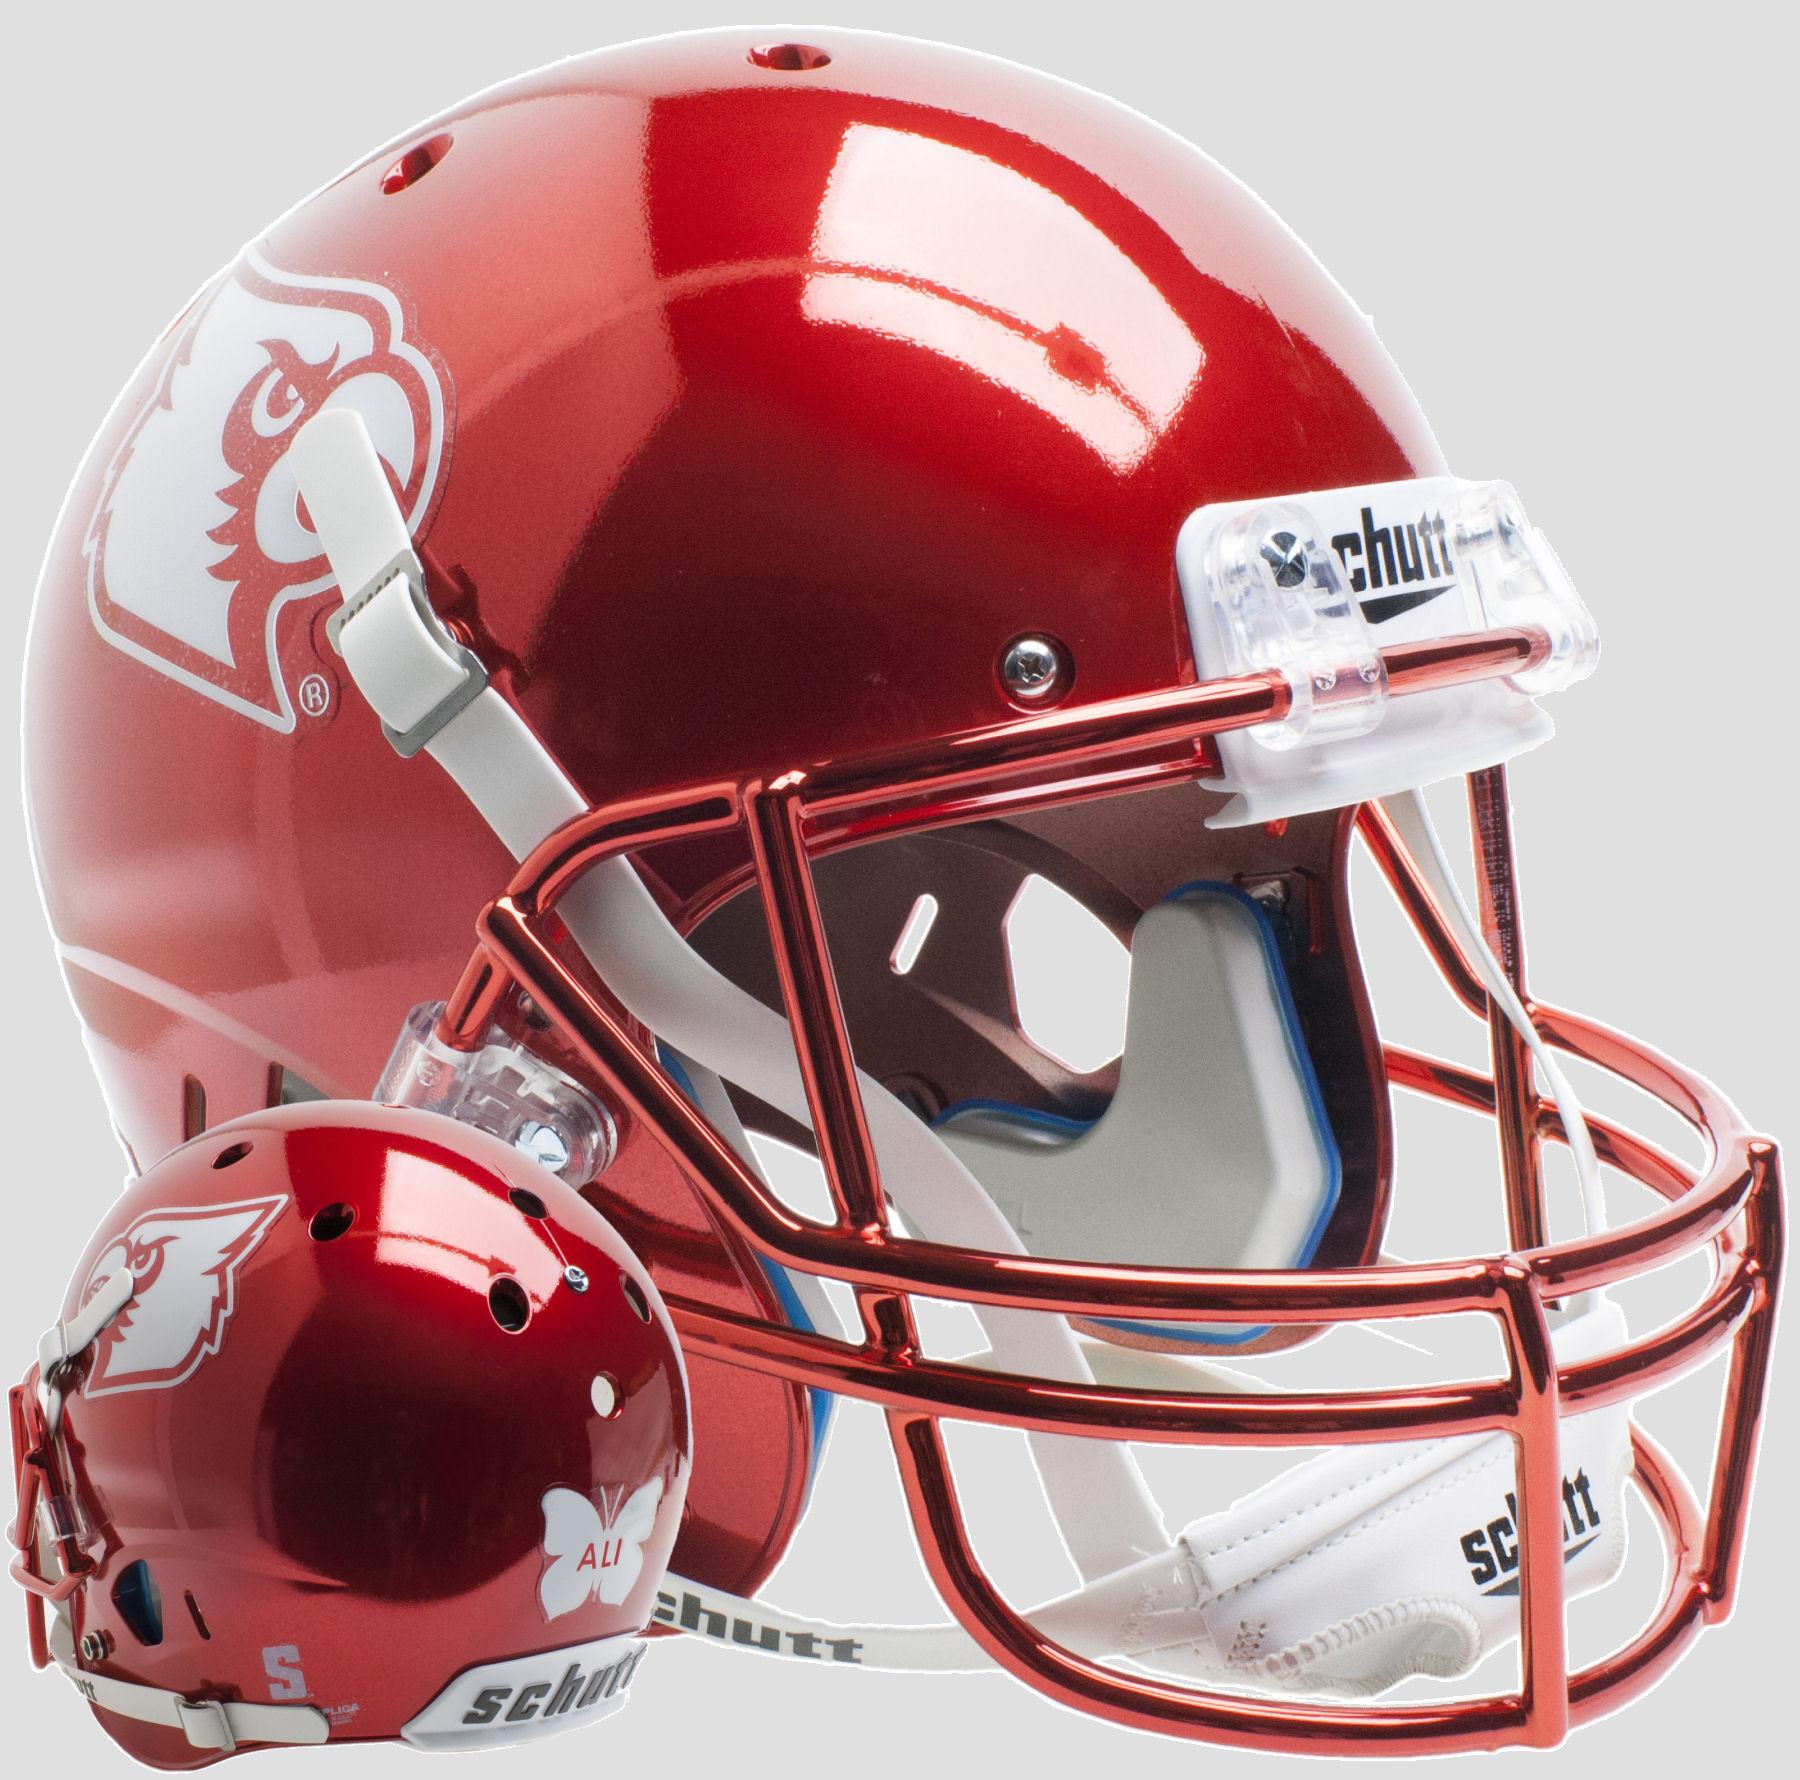 Louisville Cardinals Full XP Replica Football Helmet Schutt <B>Red Chrome Ali</B>